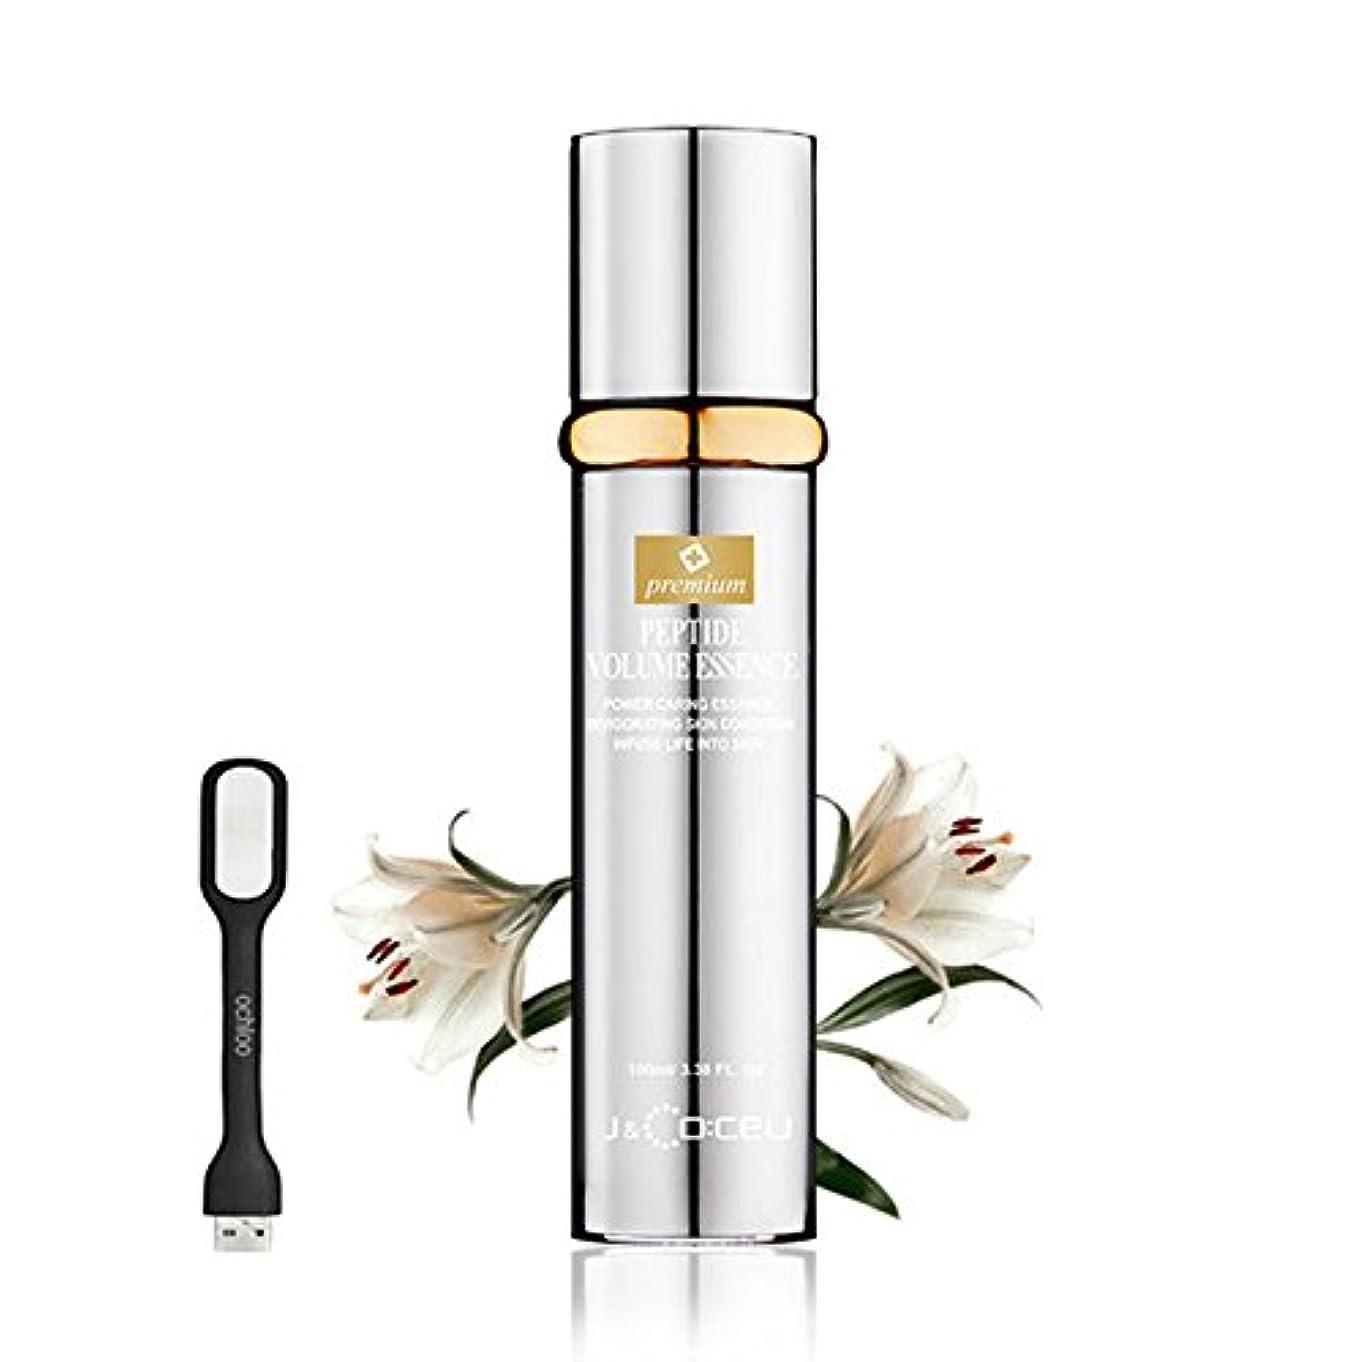 広がり覗くダイアクリティカルPremium Peptide Volume Essence 100ml: Upgraded Cosmetic Botox Anti-Wrinkle Essence All in One Wrinkle-care Firming Brightening Revitalizing 全ての絵文字を一つ一つ作ること+ochloo logo led